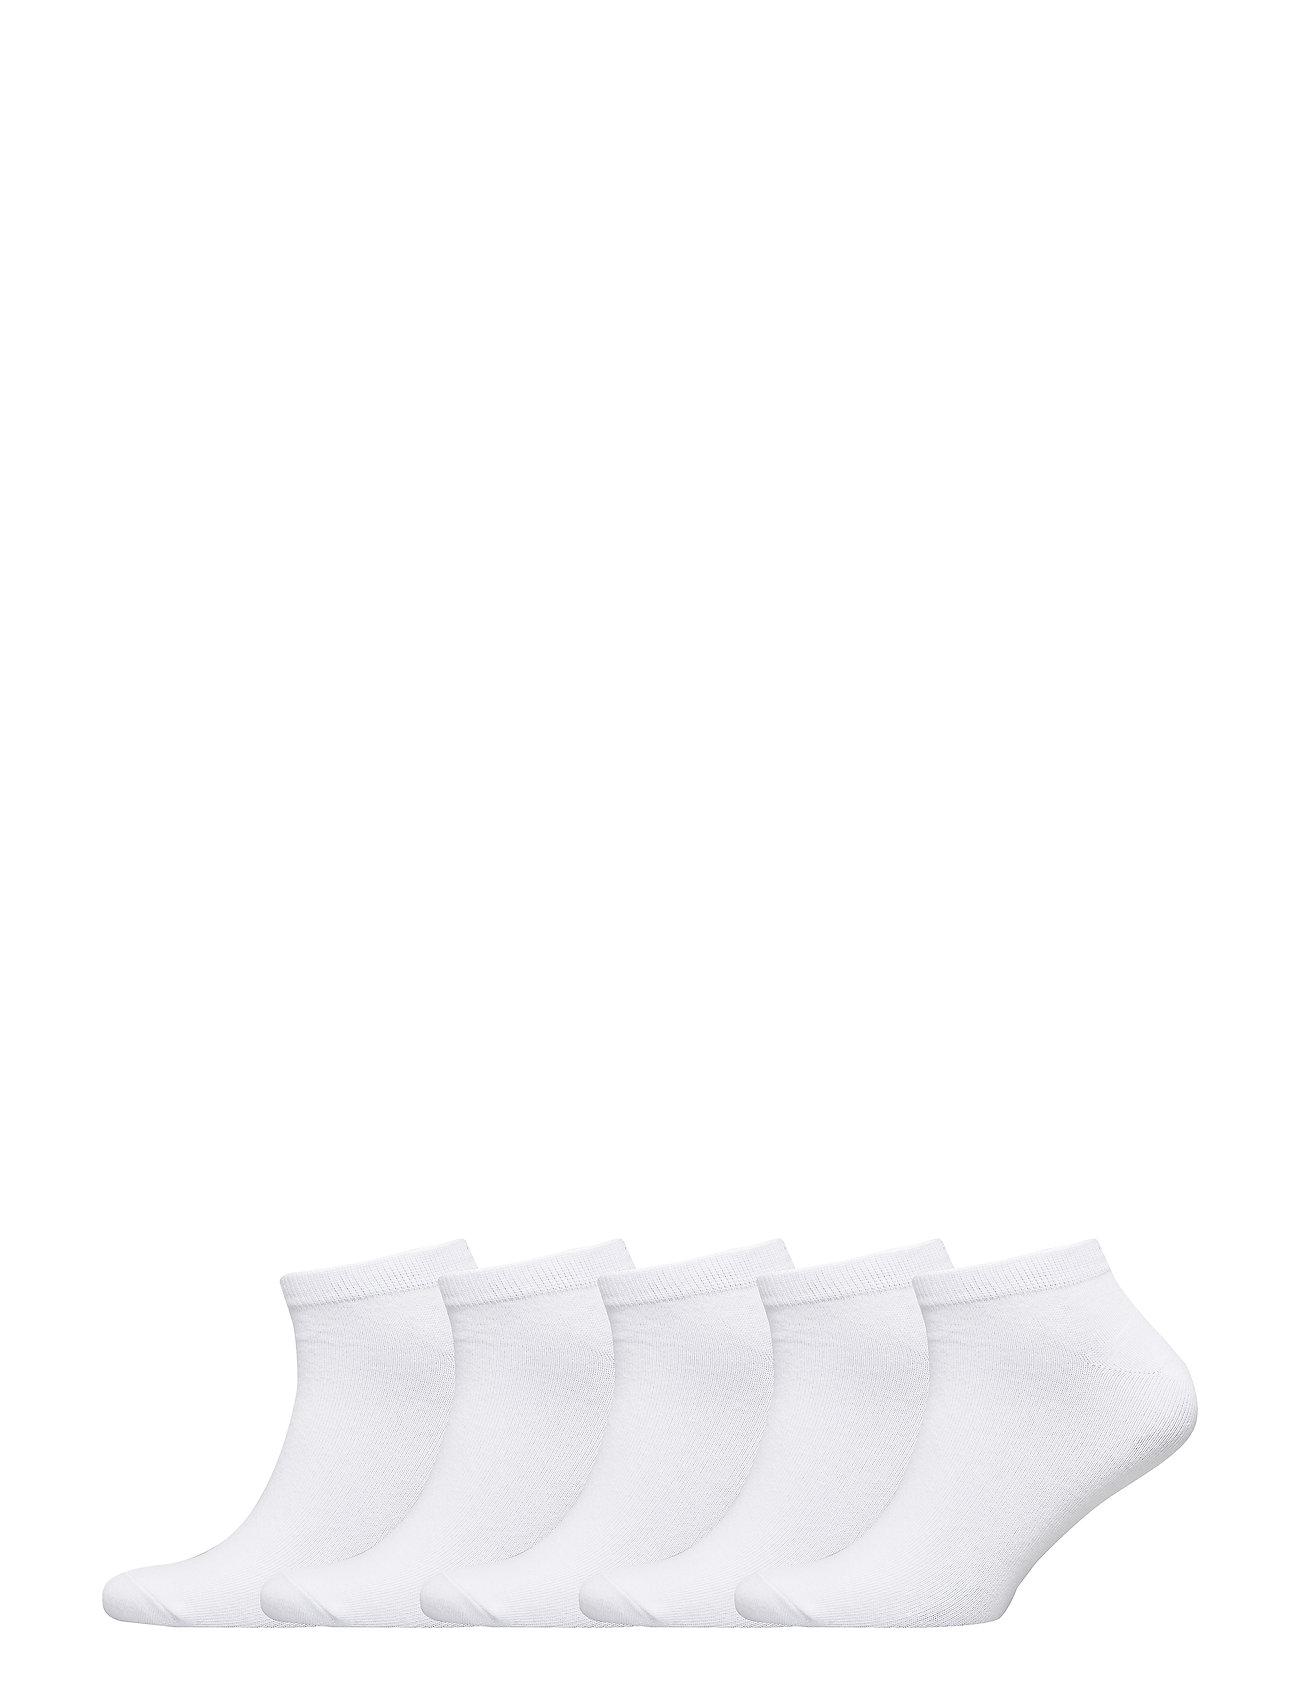 Image of Jacdongo Socks 5 Pack Noos Ankelstrømper Korte Strømper Hvid Jack & J S (3288147479)